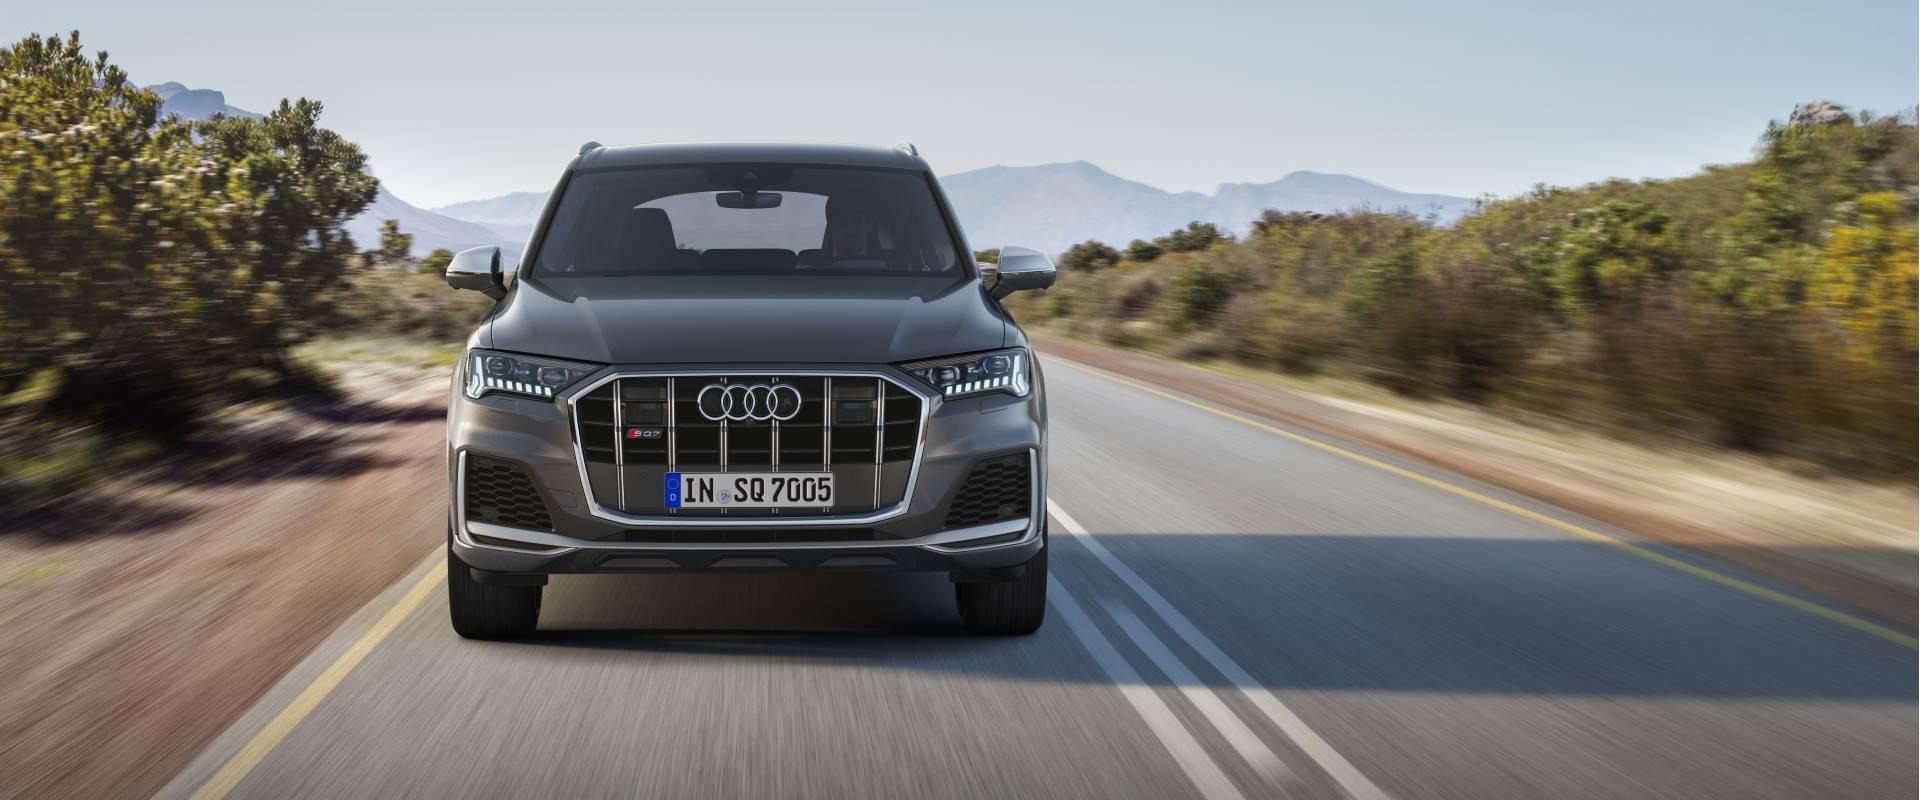 Nouvelle Audi SQ7 TDI 2019-2020 face avant rapide